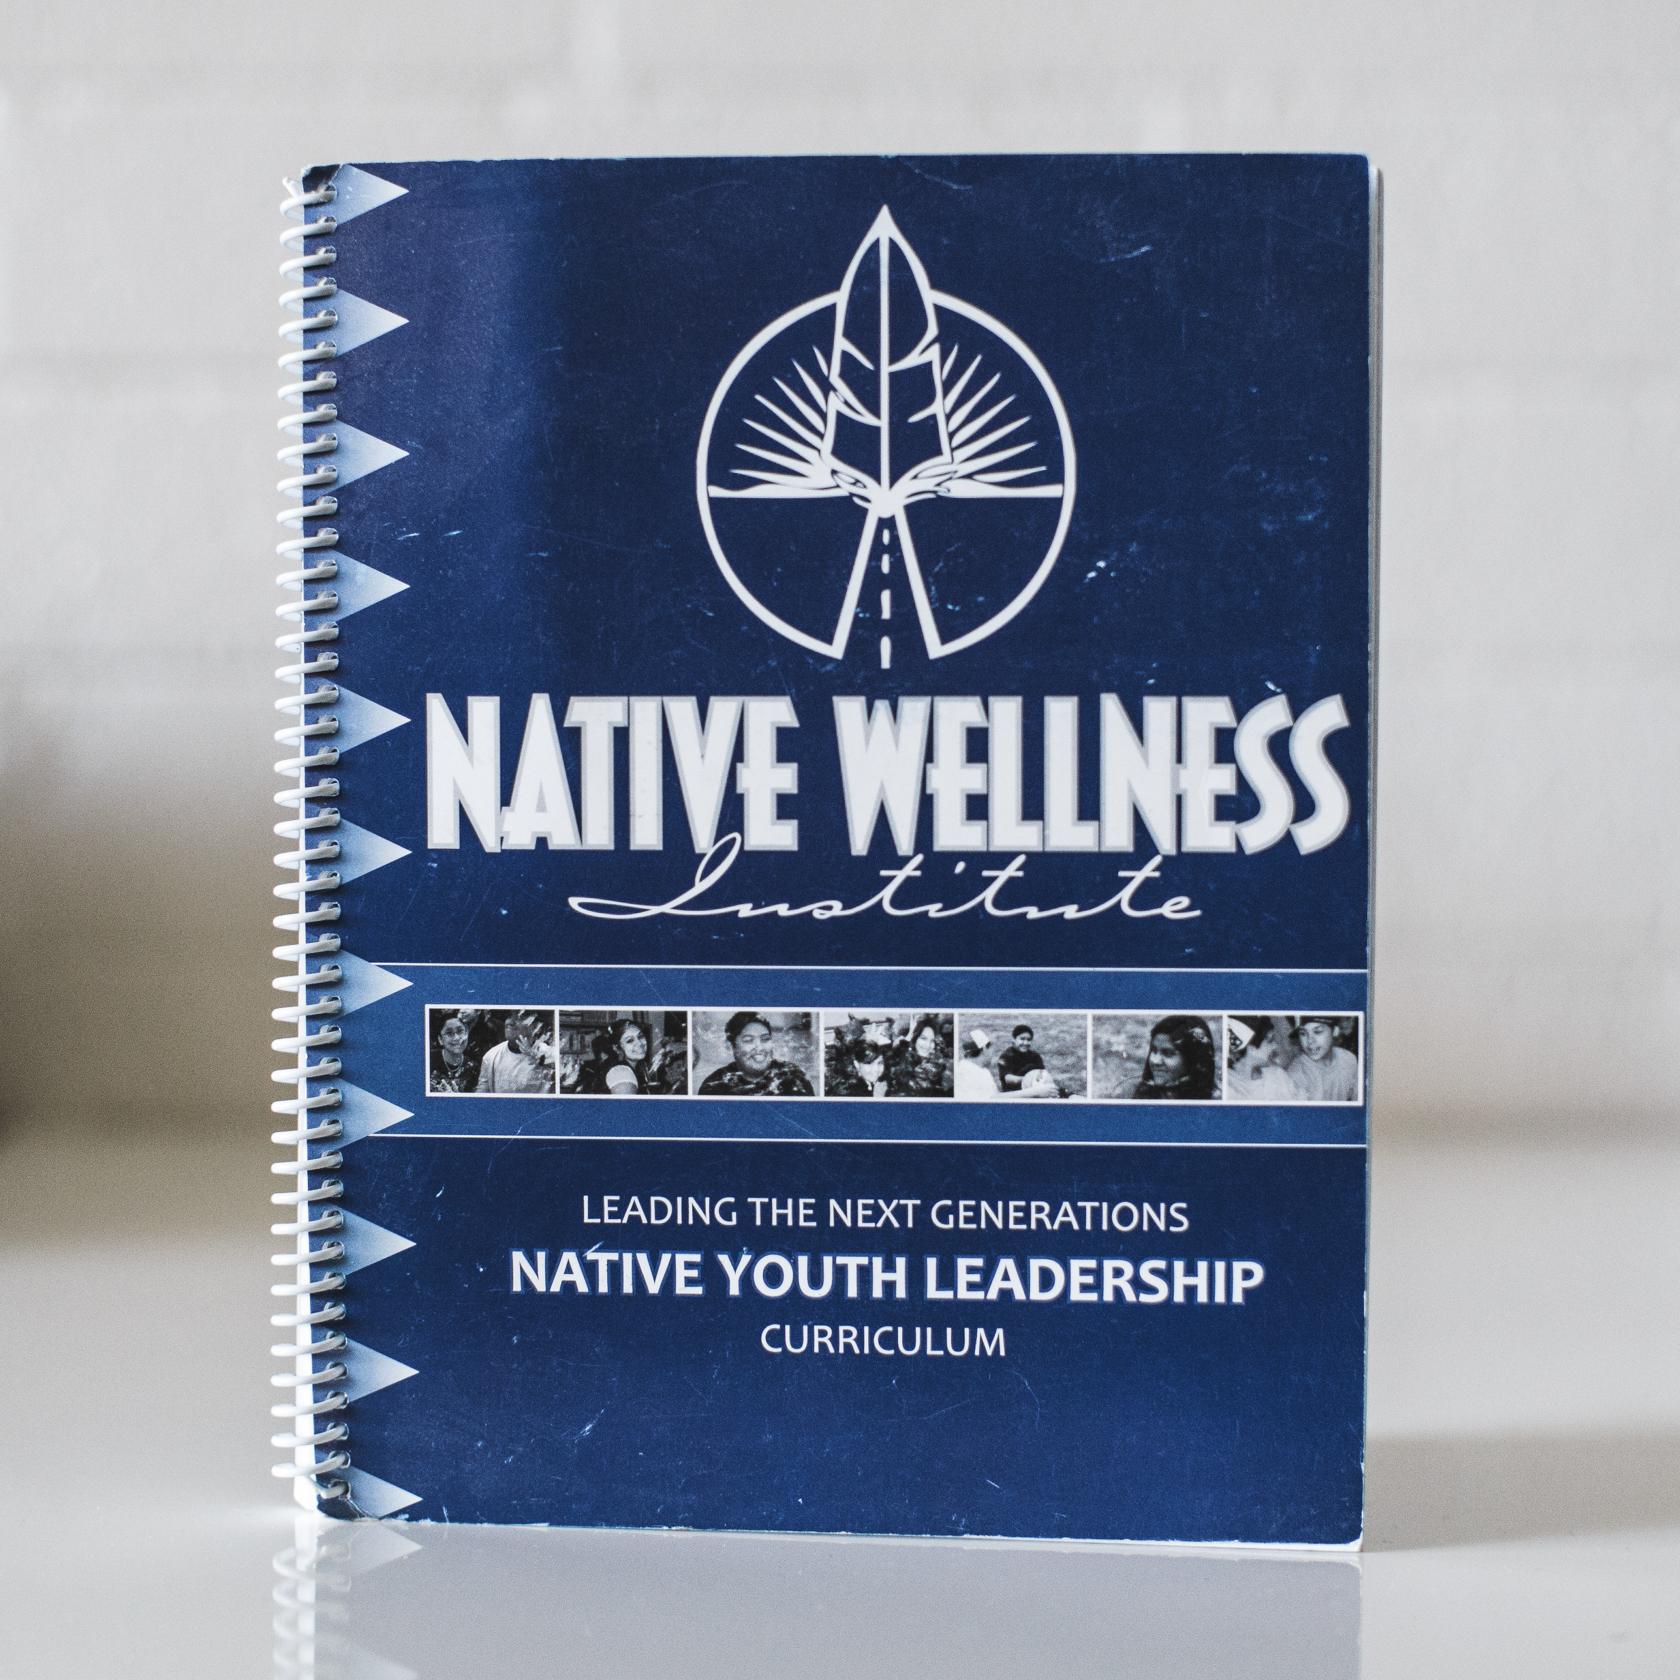 Native Wellness Institute